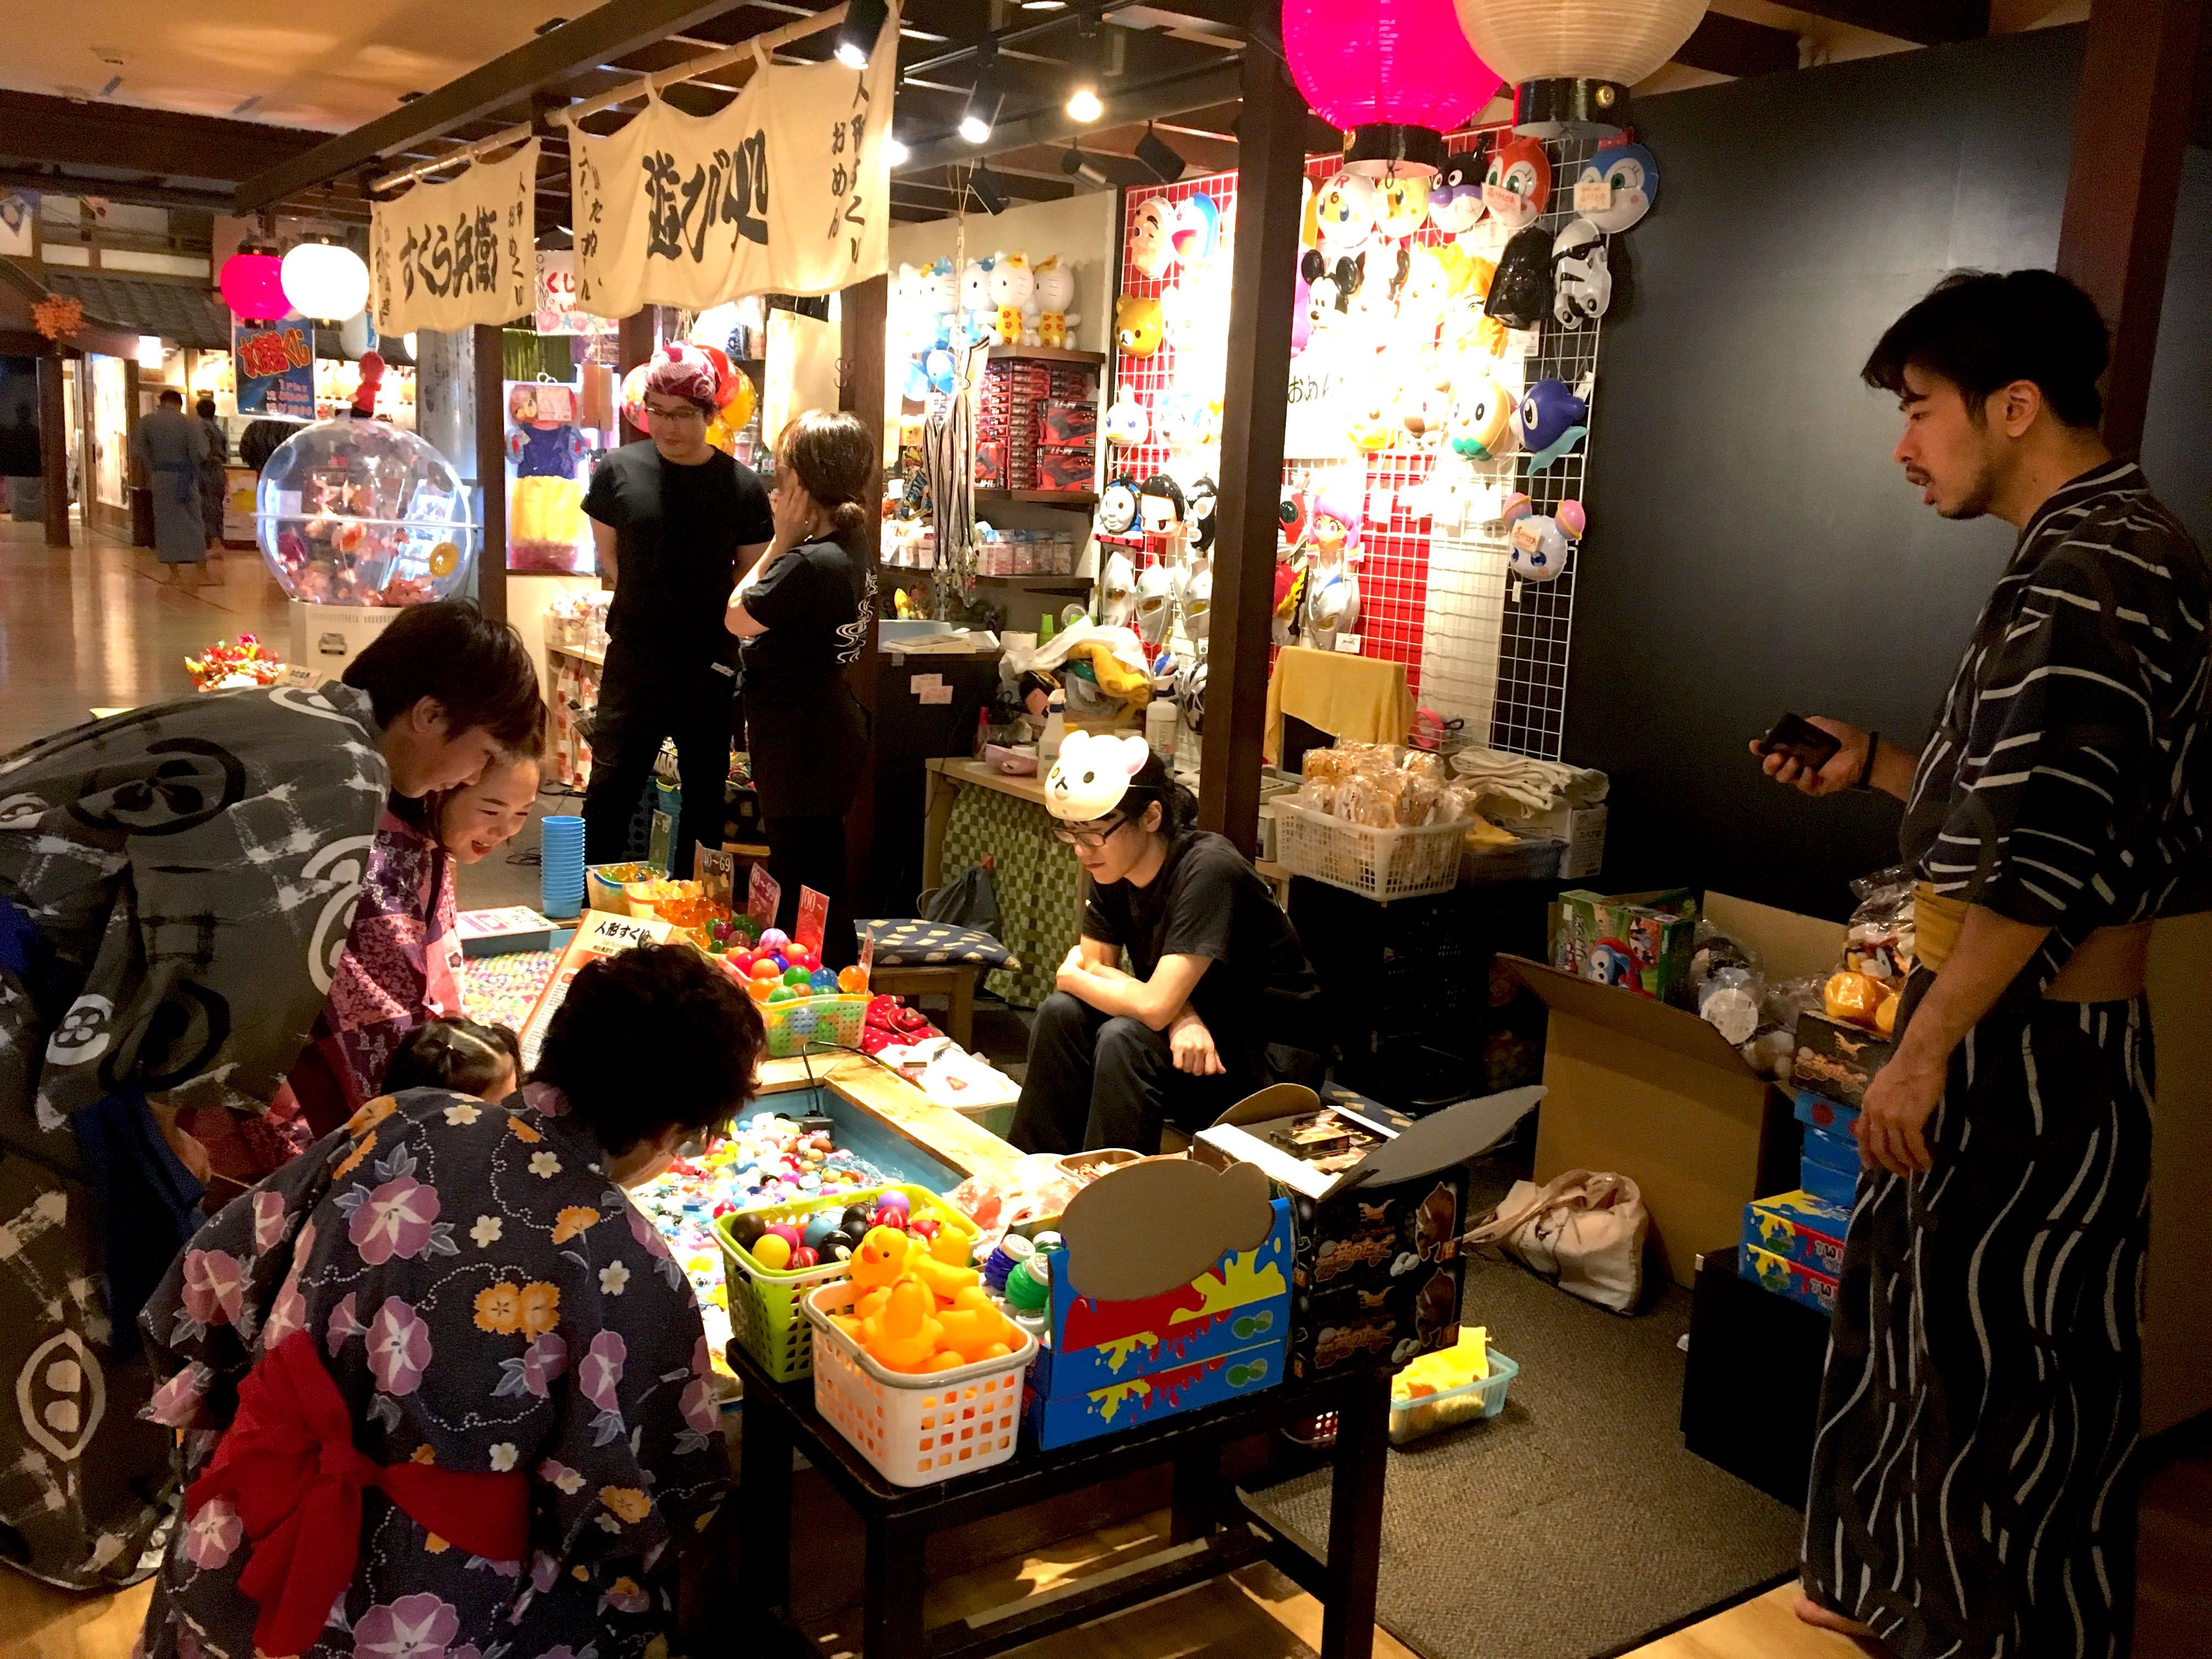 日本傳統遊藝小攤。(圖片取自valepra0330)